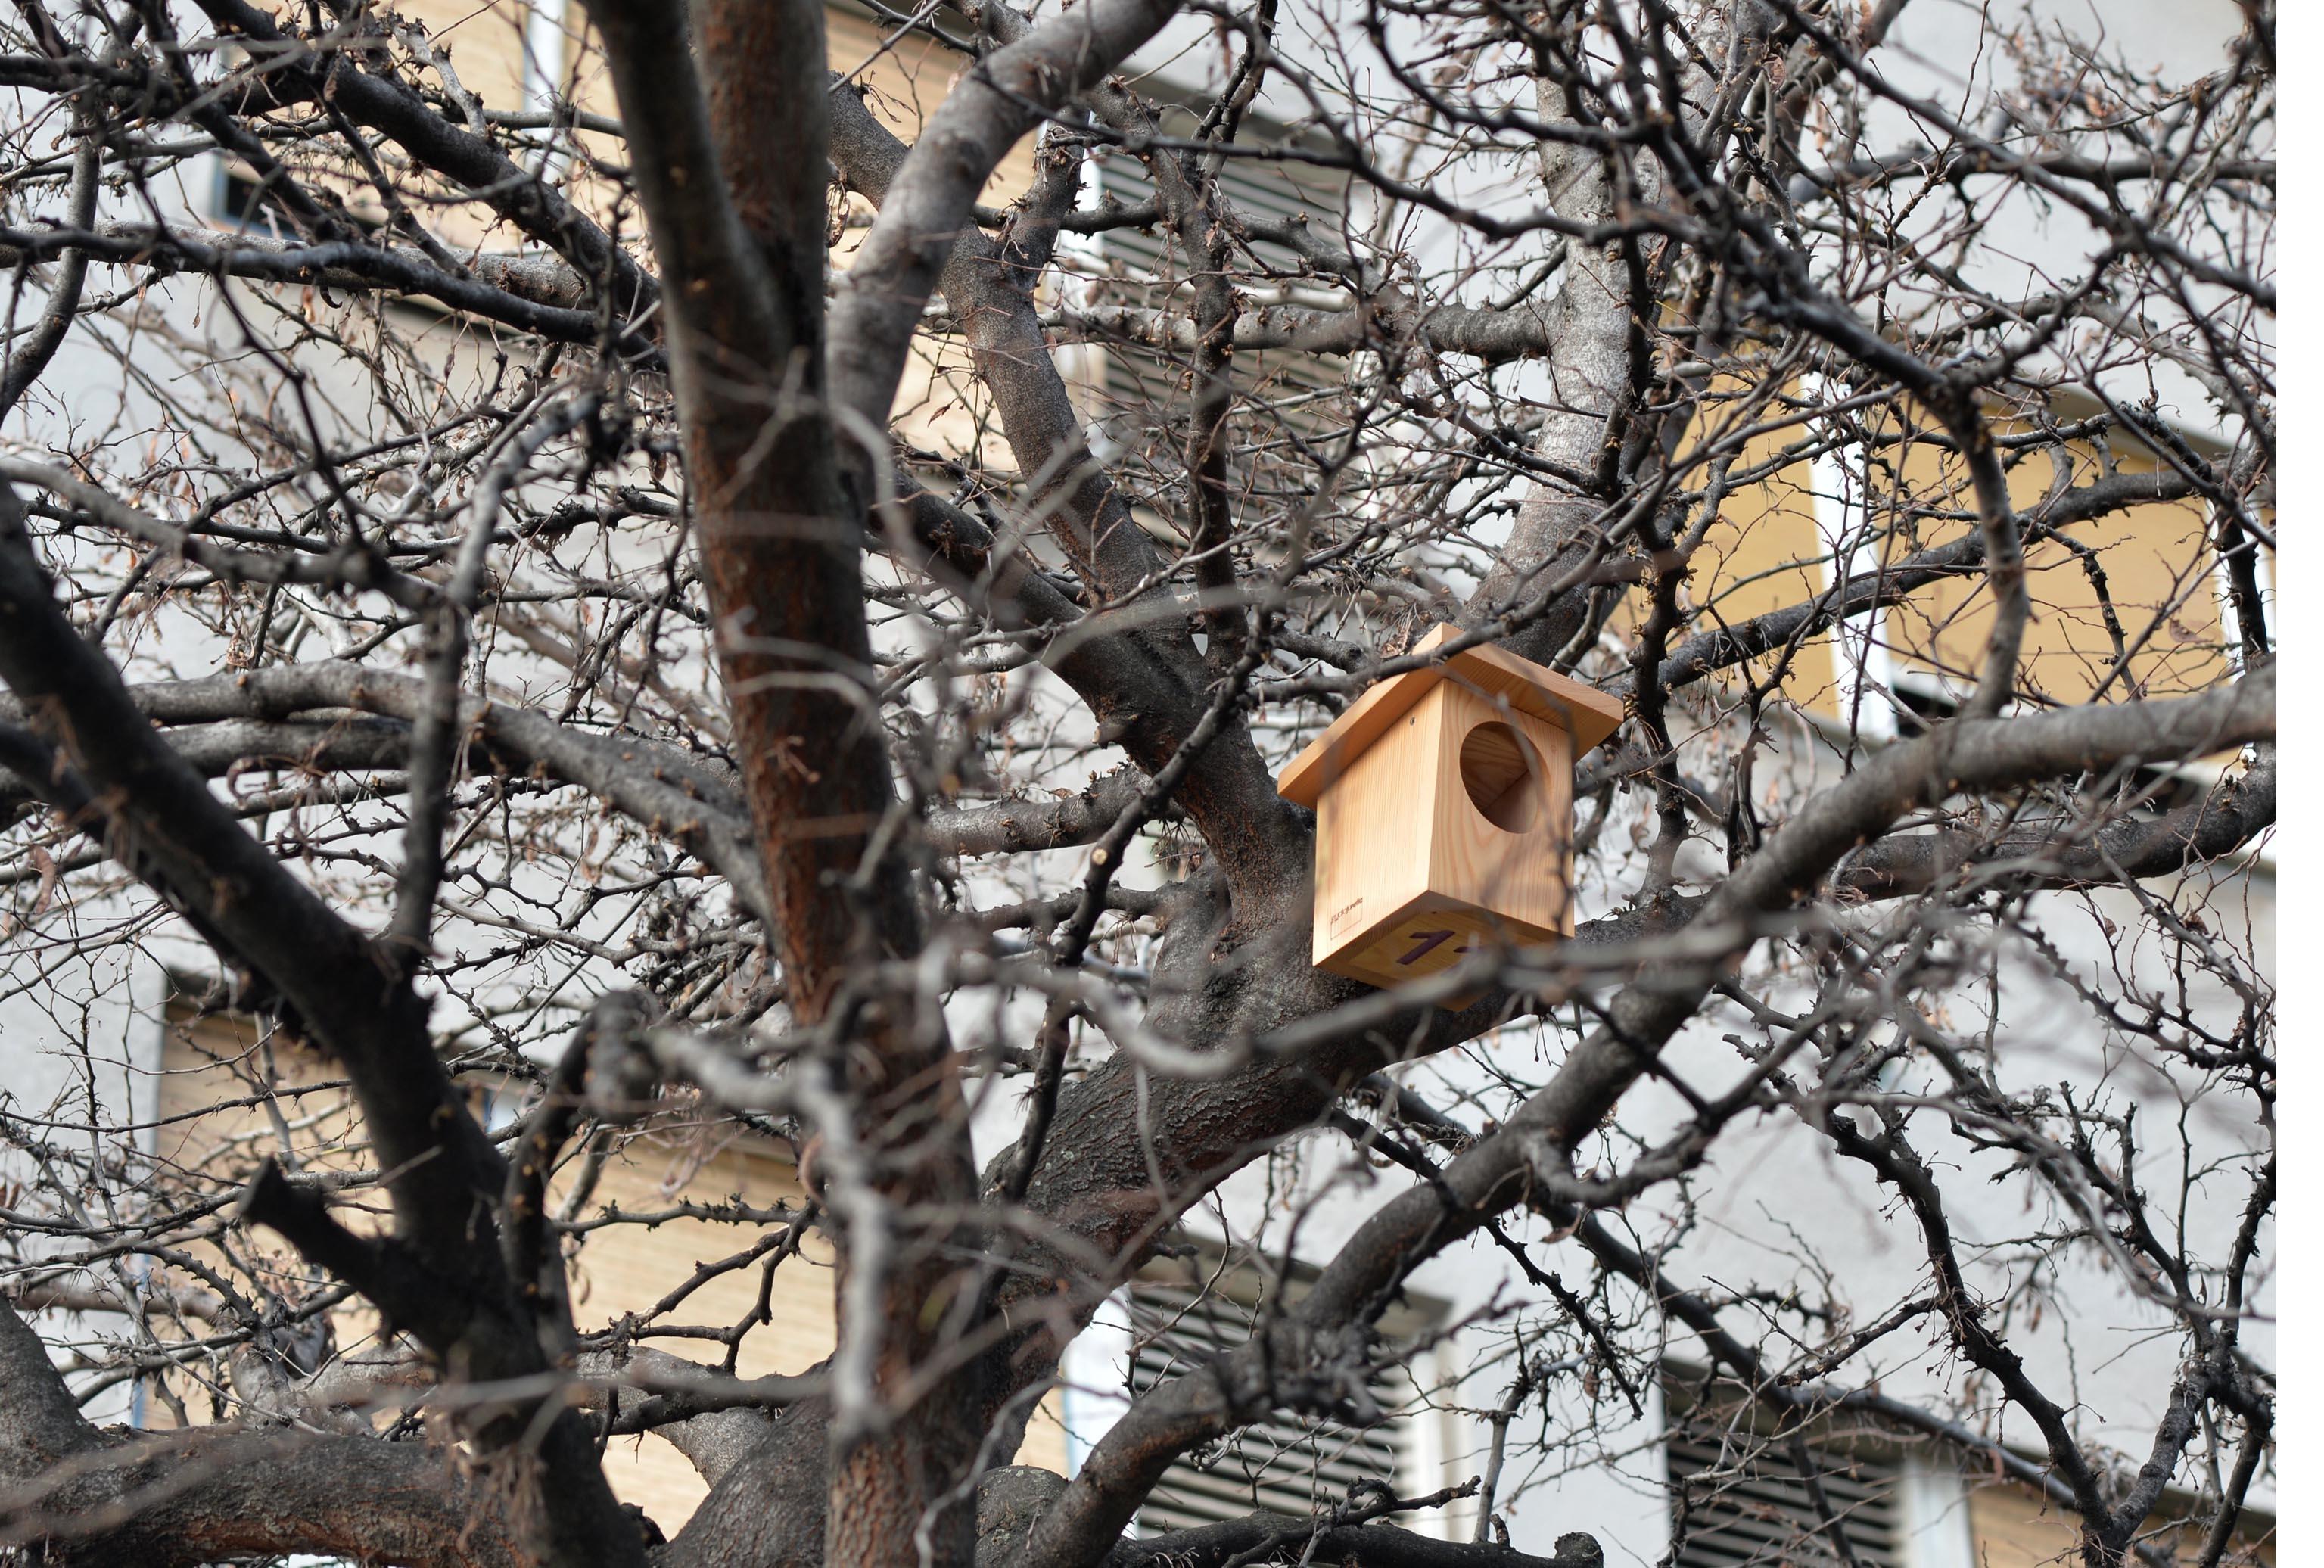 Kućica je jednostavna, ne smije biti šarena / Snimio Damir Škomrlj